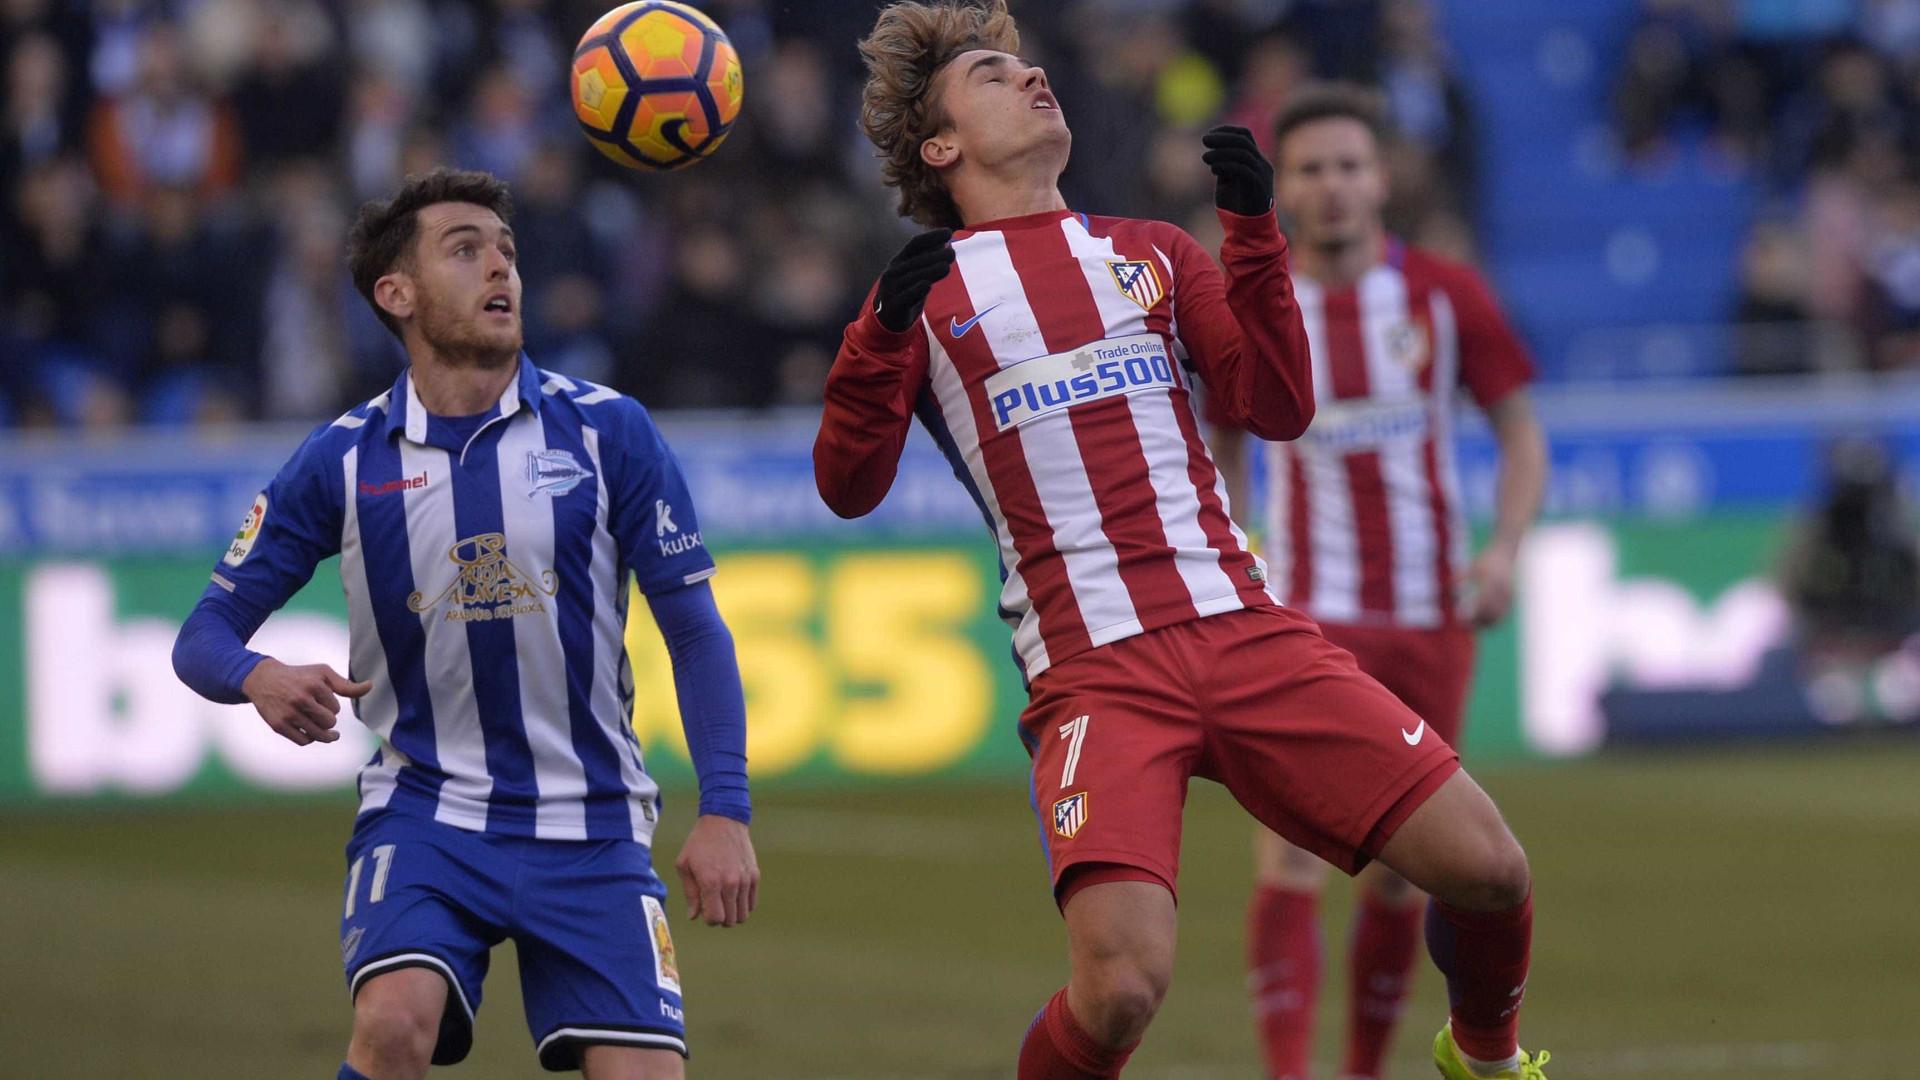 Atlético de Madrid empata e vê quarto lugar  ameaçado no Espanhol